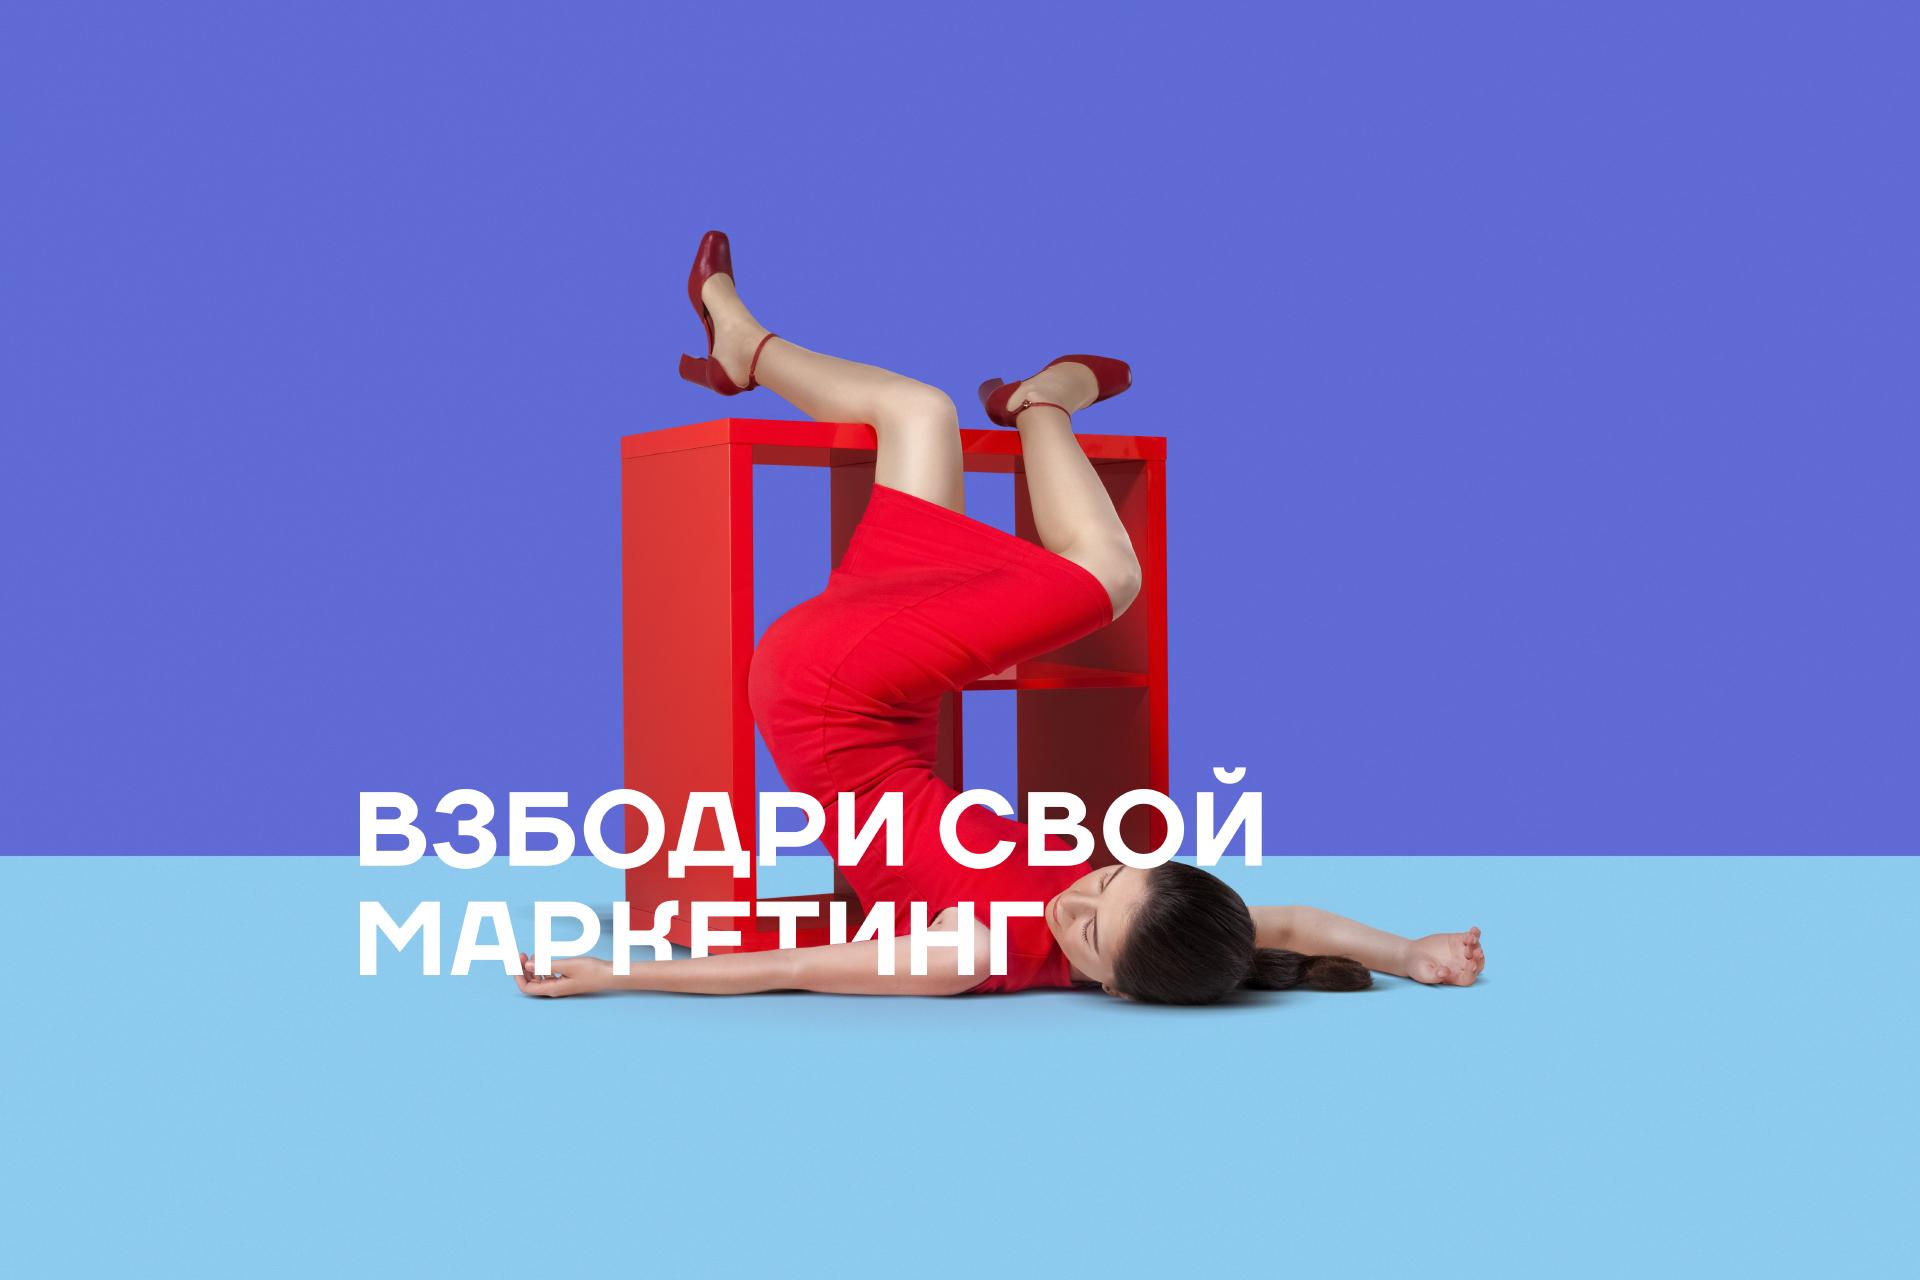 mary-text